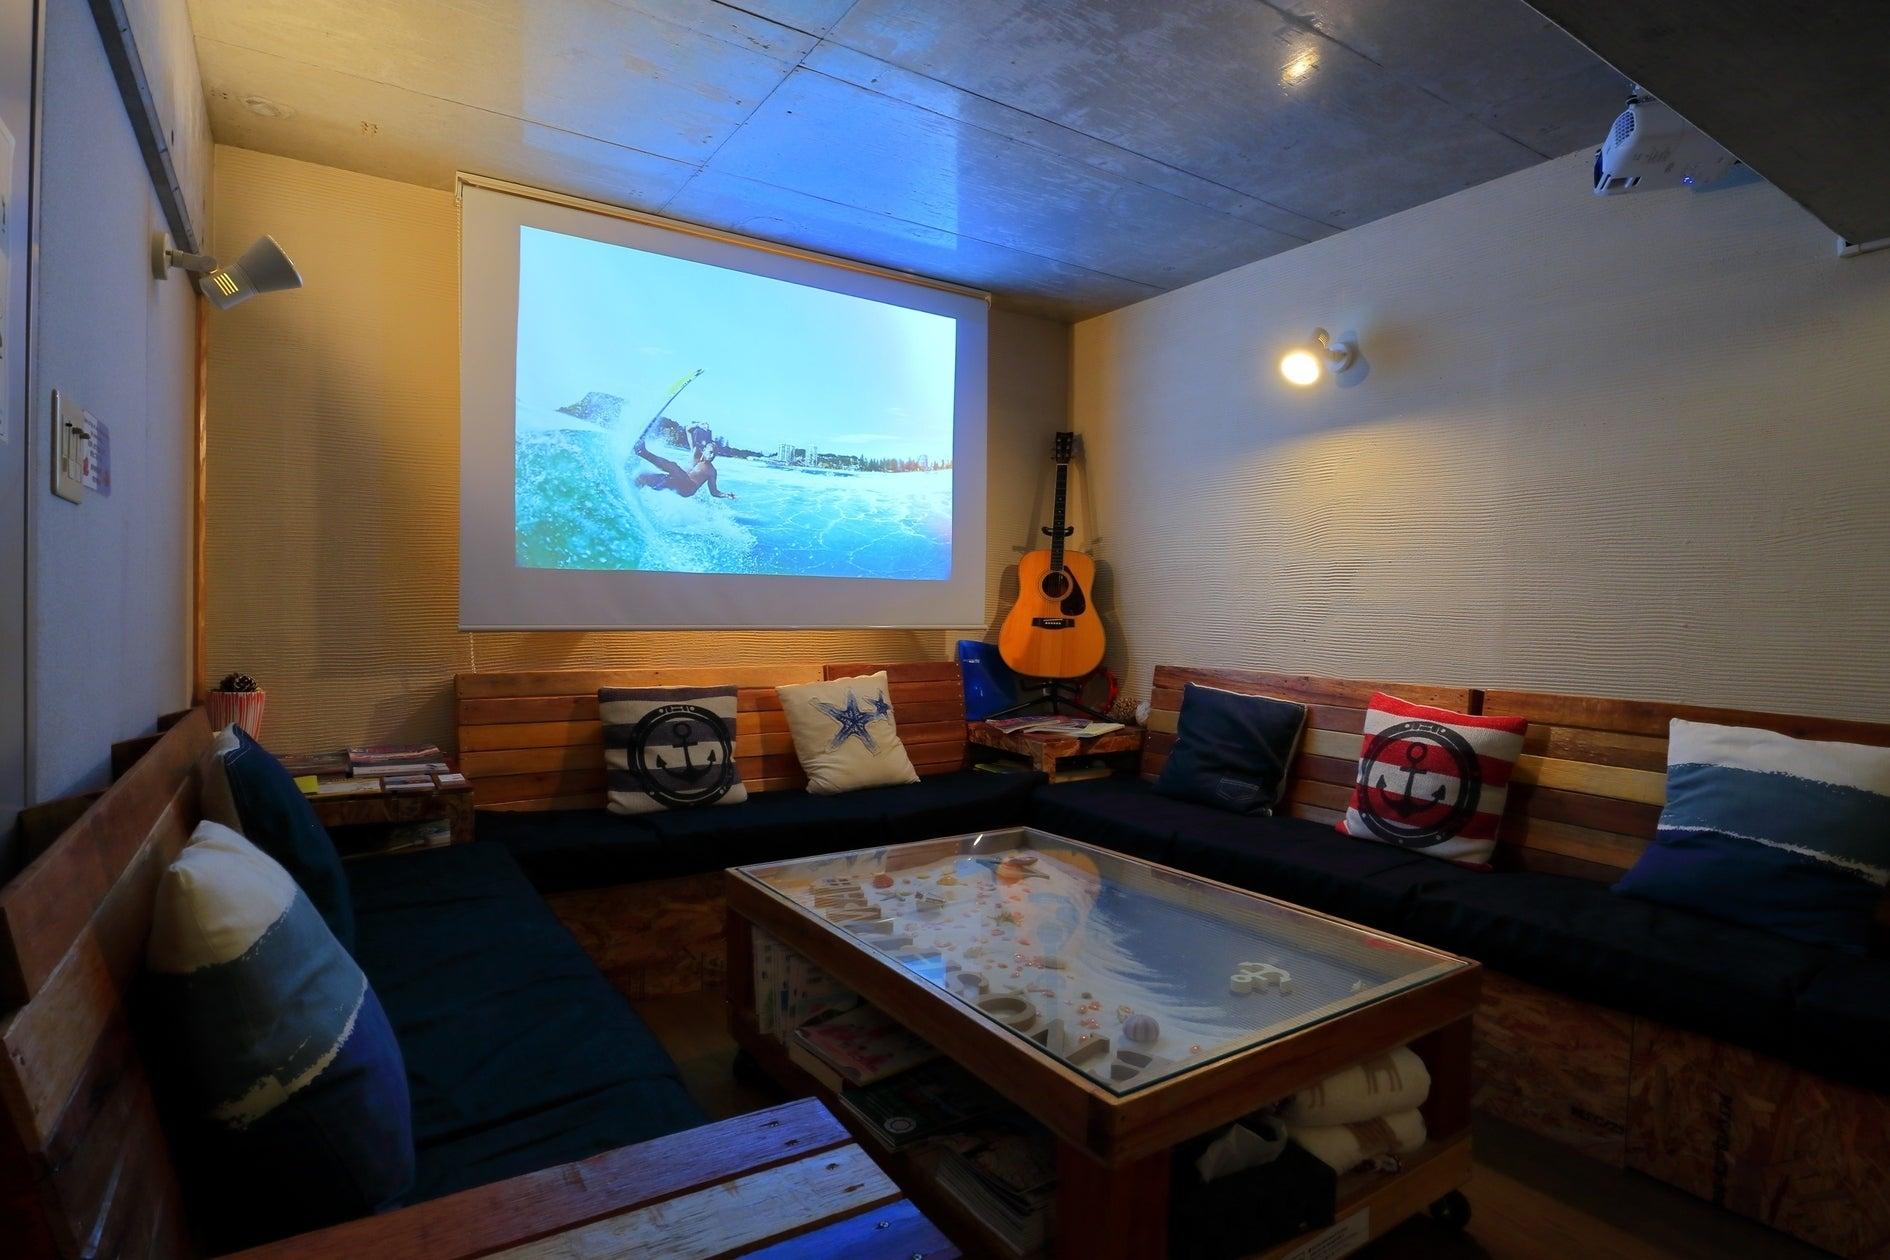 【湘南・江ノ島】音楽演奏も可能な防音仕様の地下ラウンジスペース【片瀬江ノ島駅(小田急線) 徒歩1分・海まで徒歩3分】 の写真